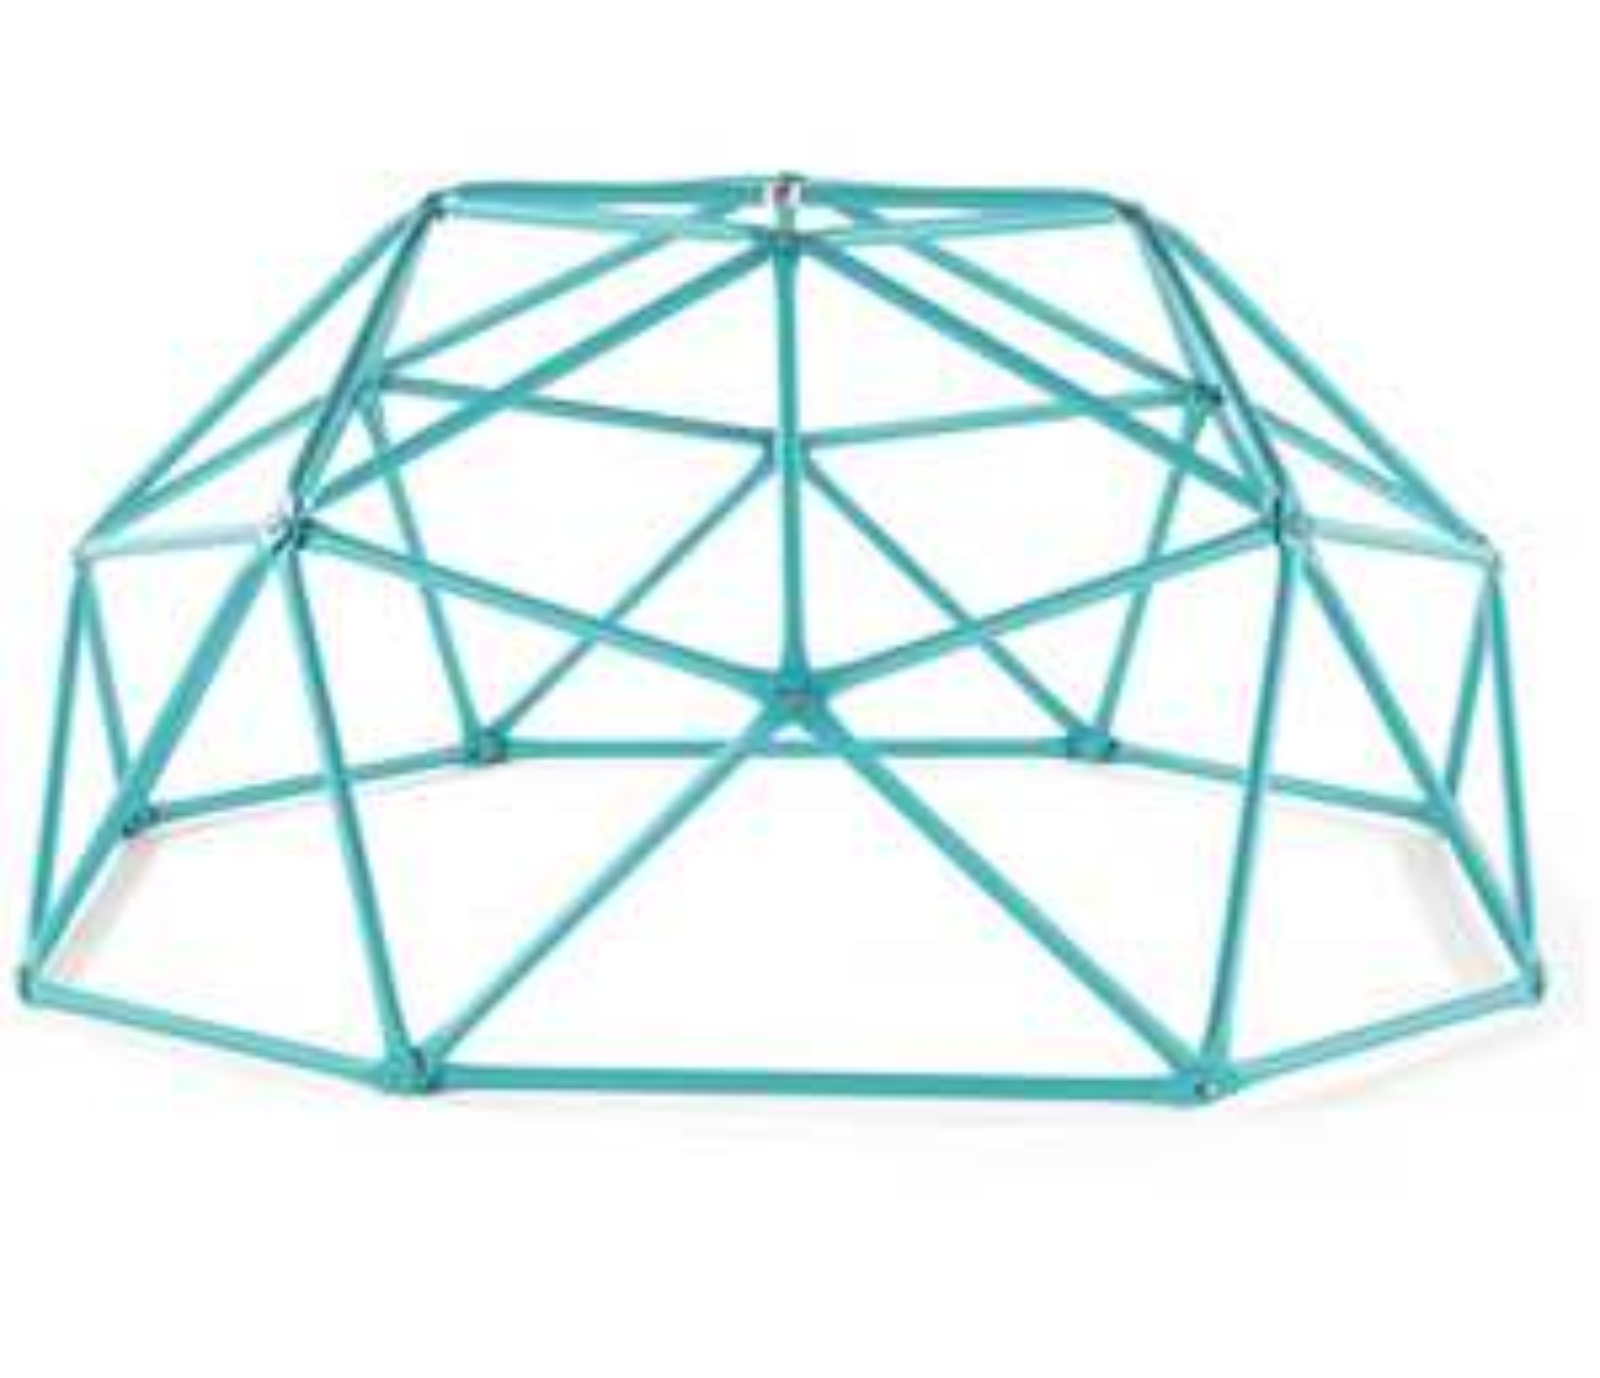 Plum Large Steel Geometric Climbing Dome - Blue £38.99 @ Argos / eBay